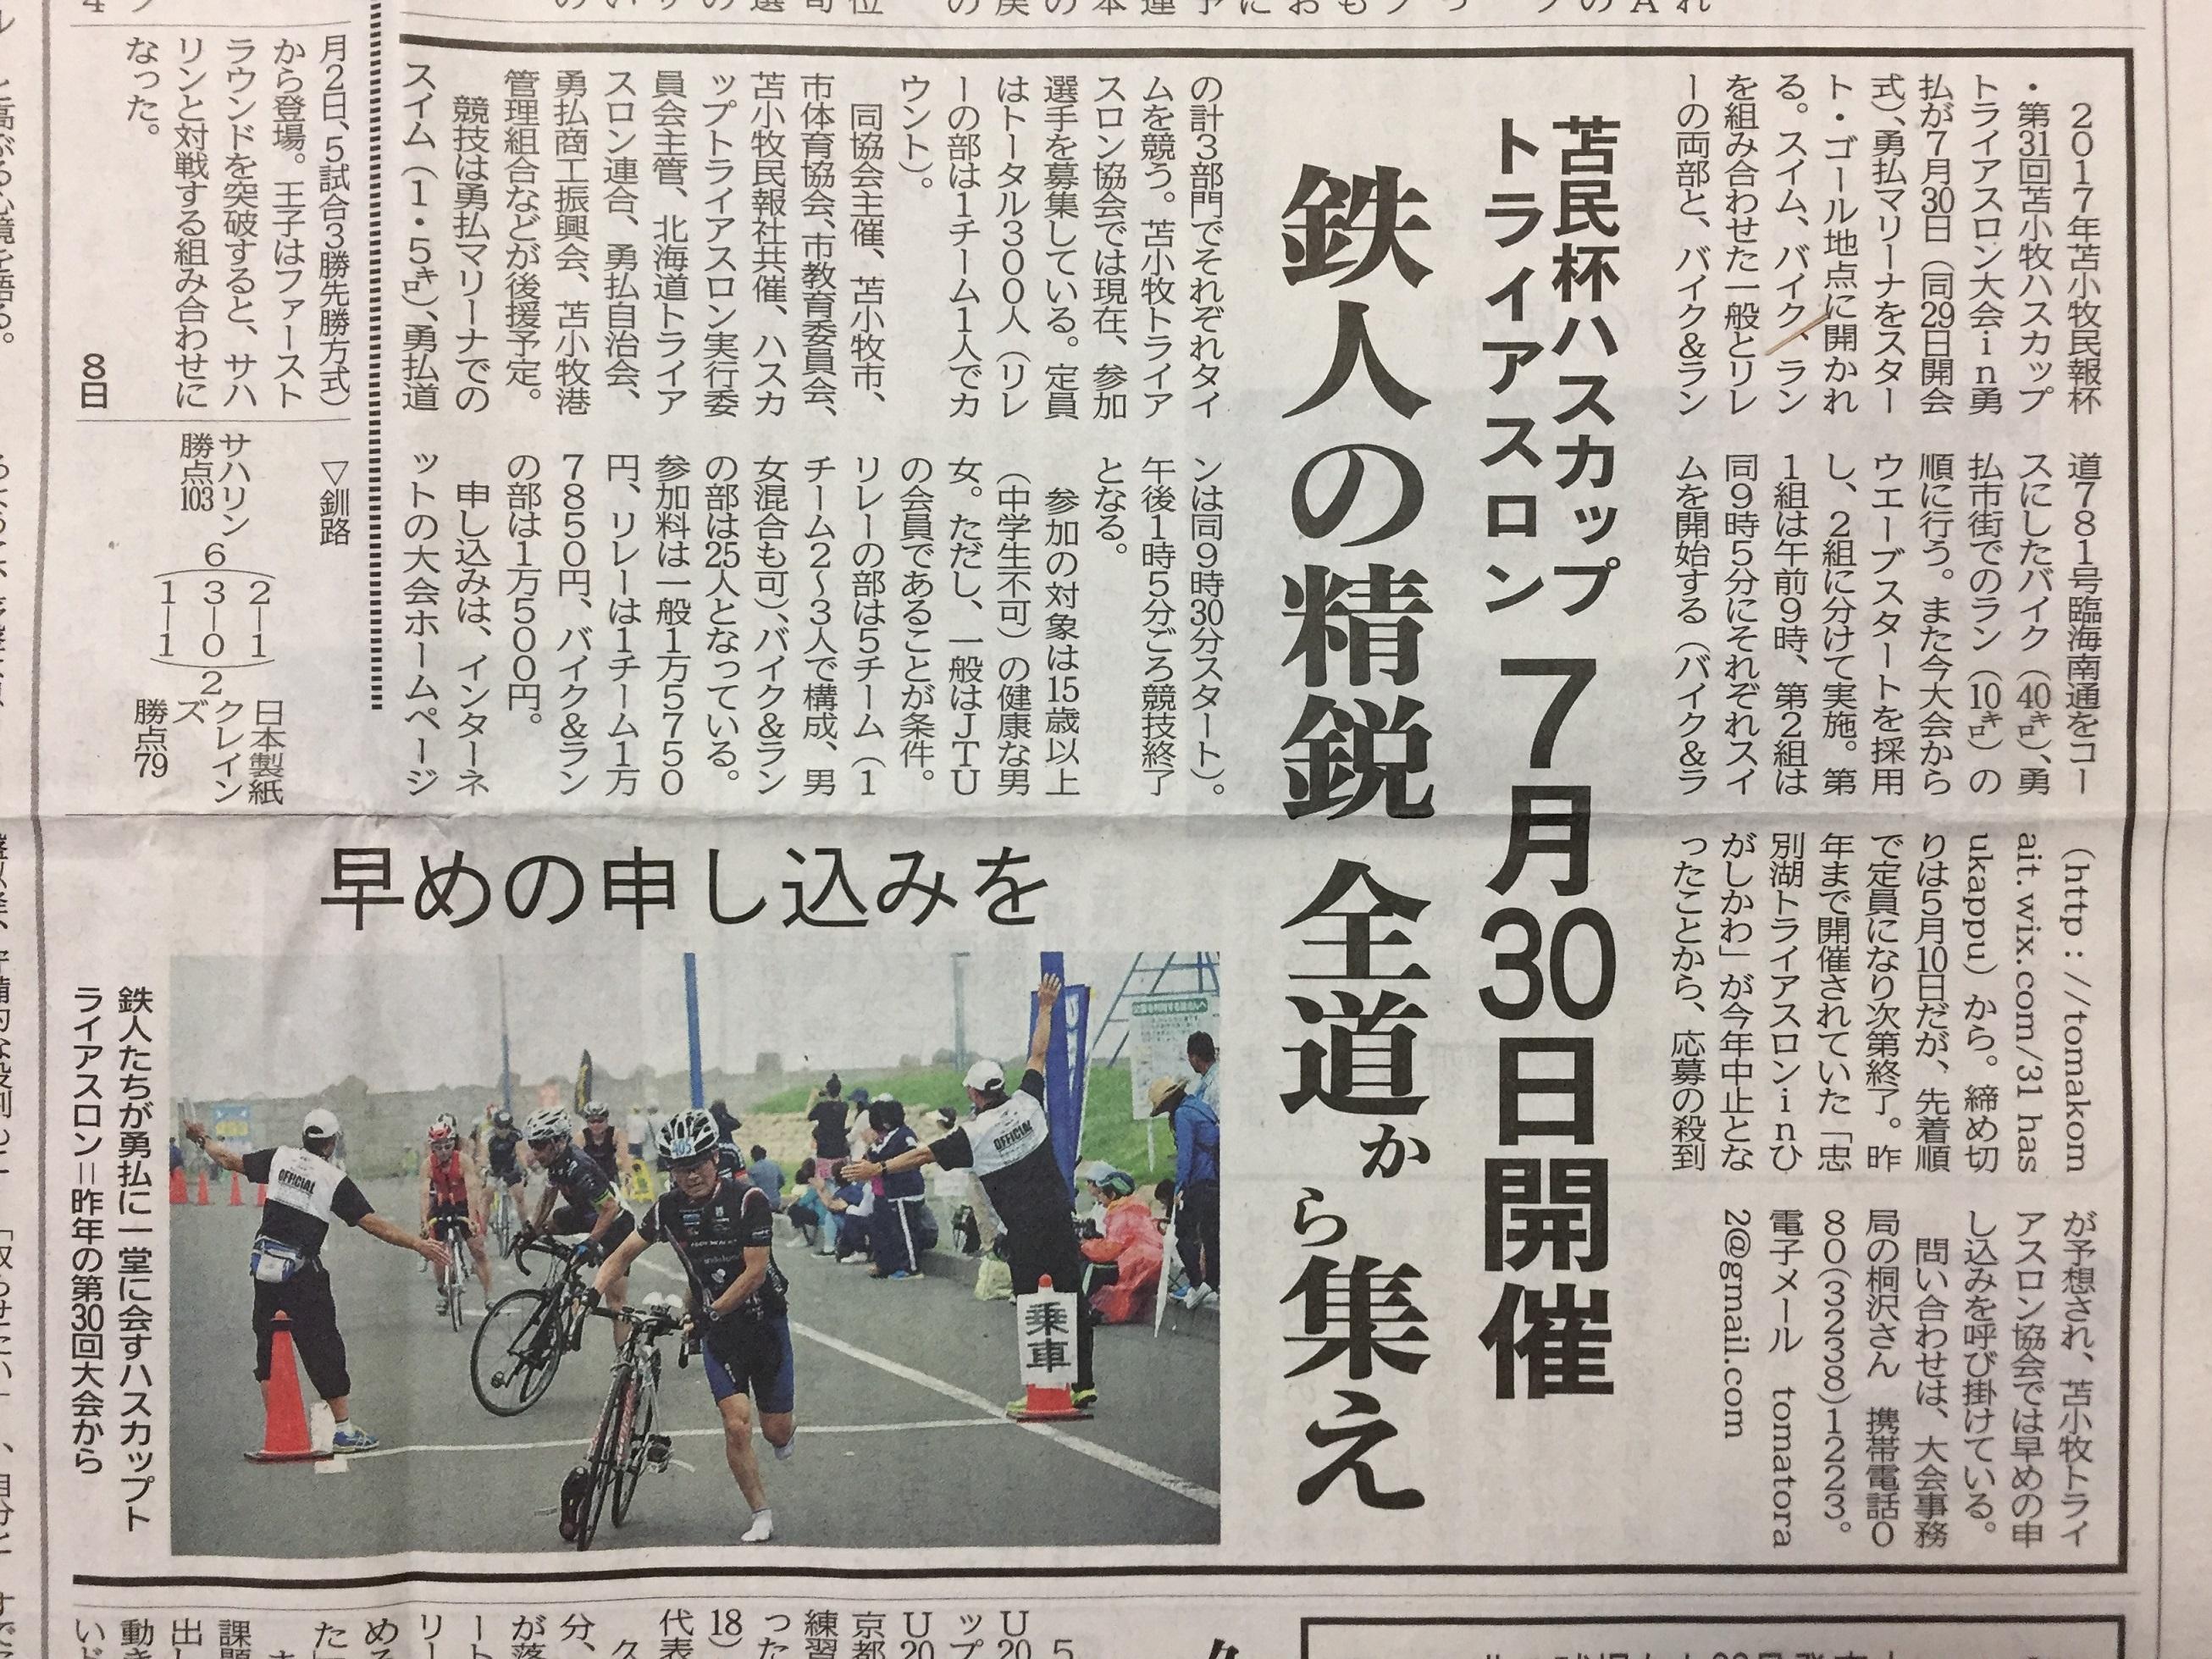 2017民報募集記事 サイズダウン